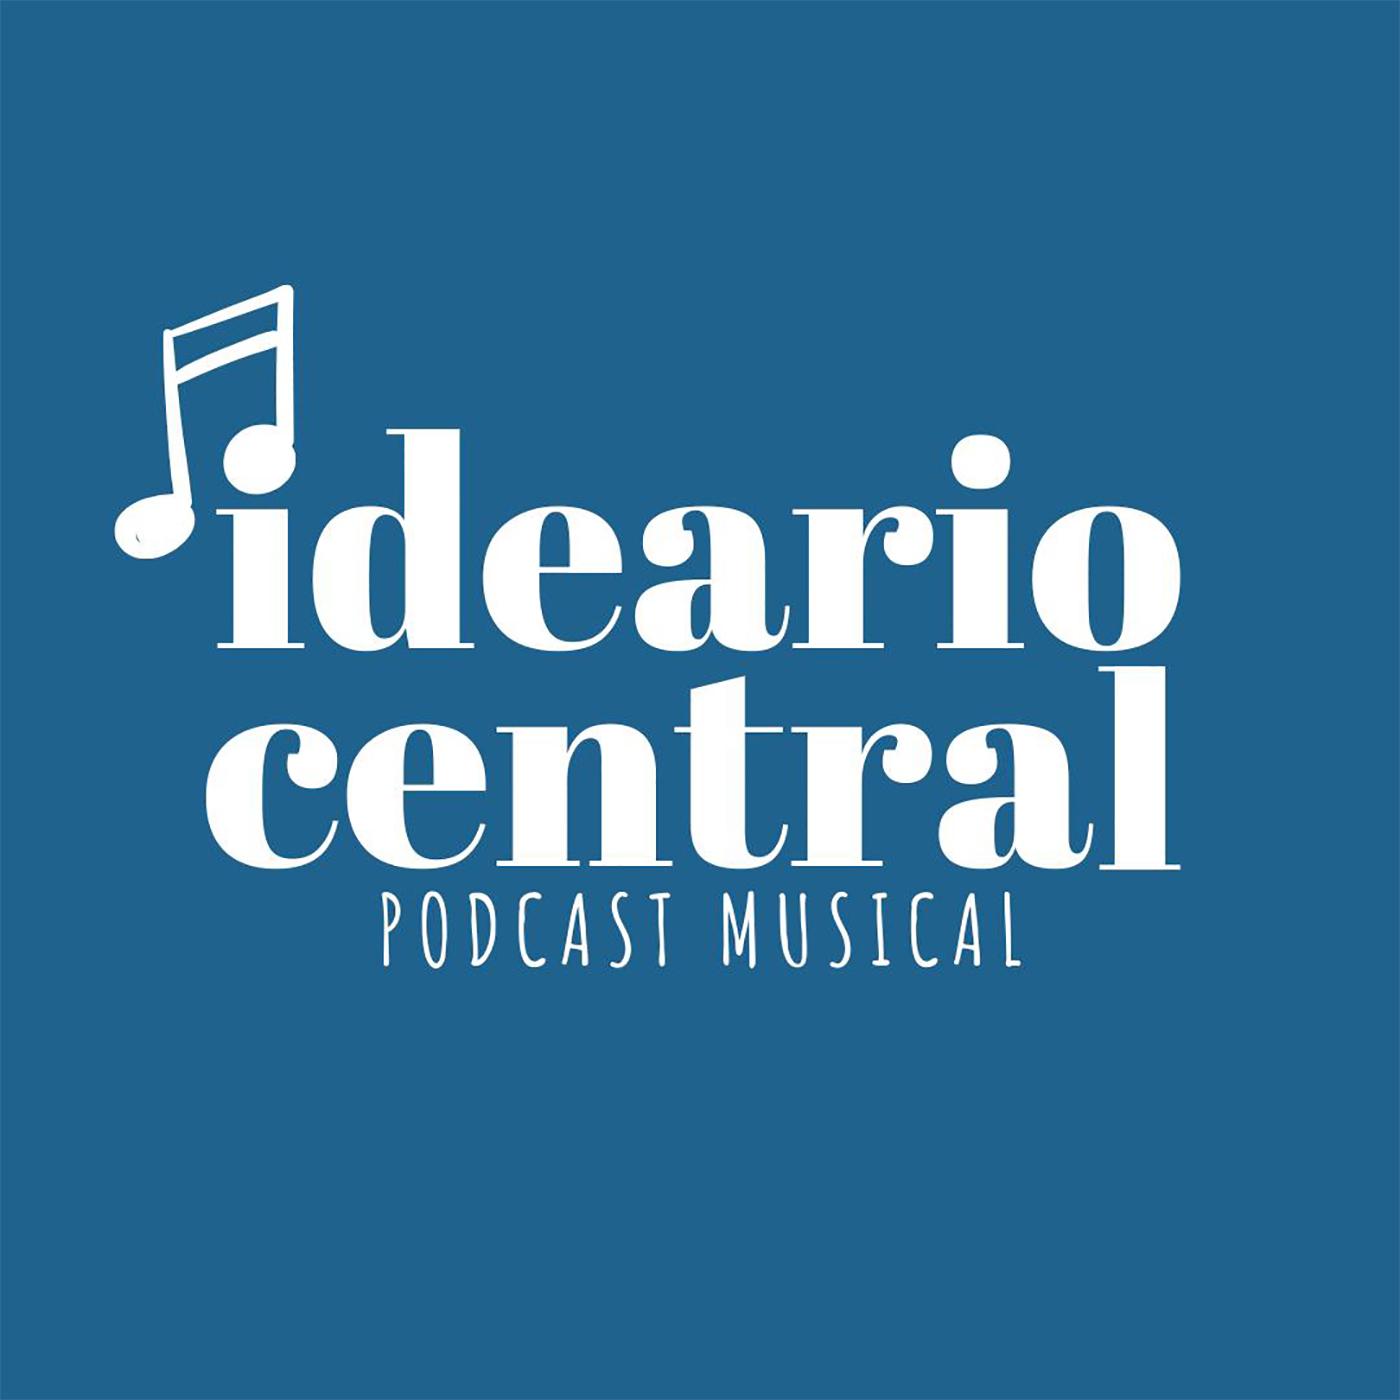 Ideario Central